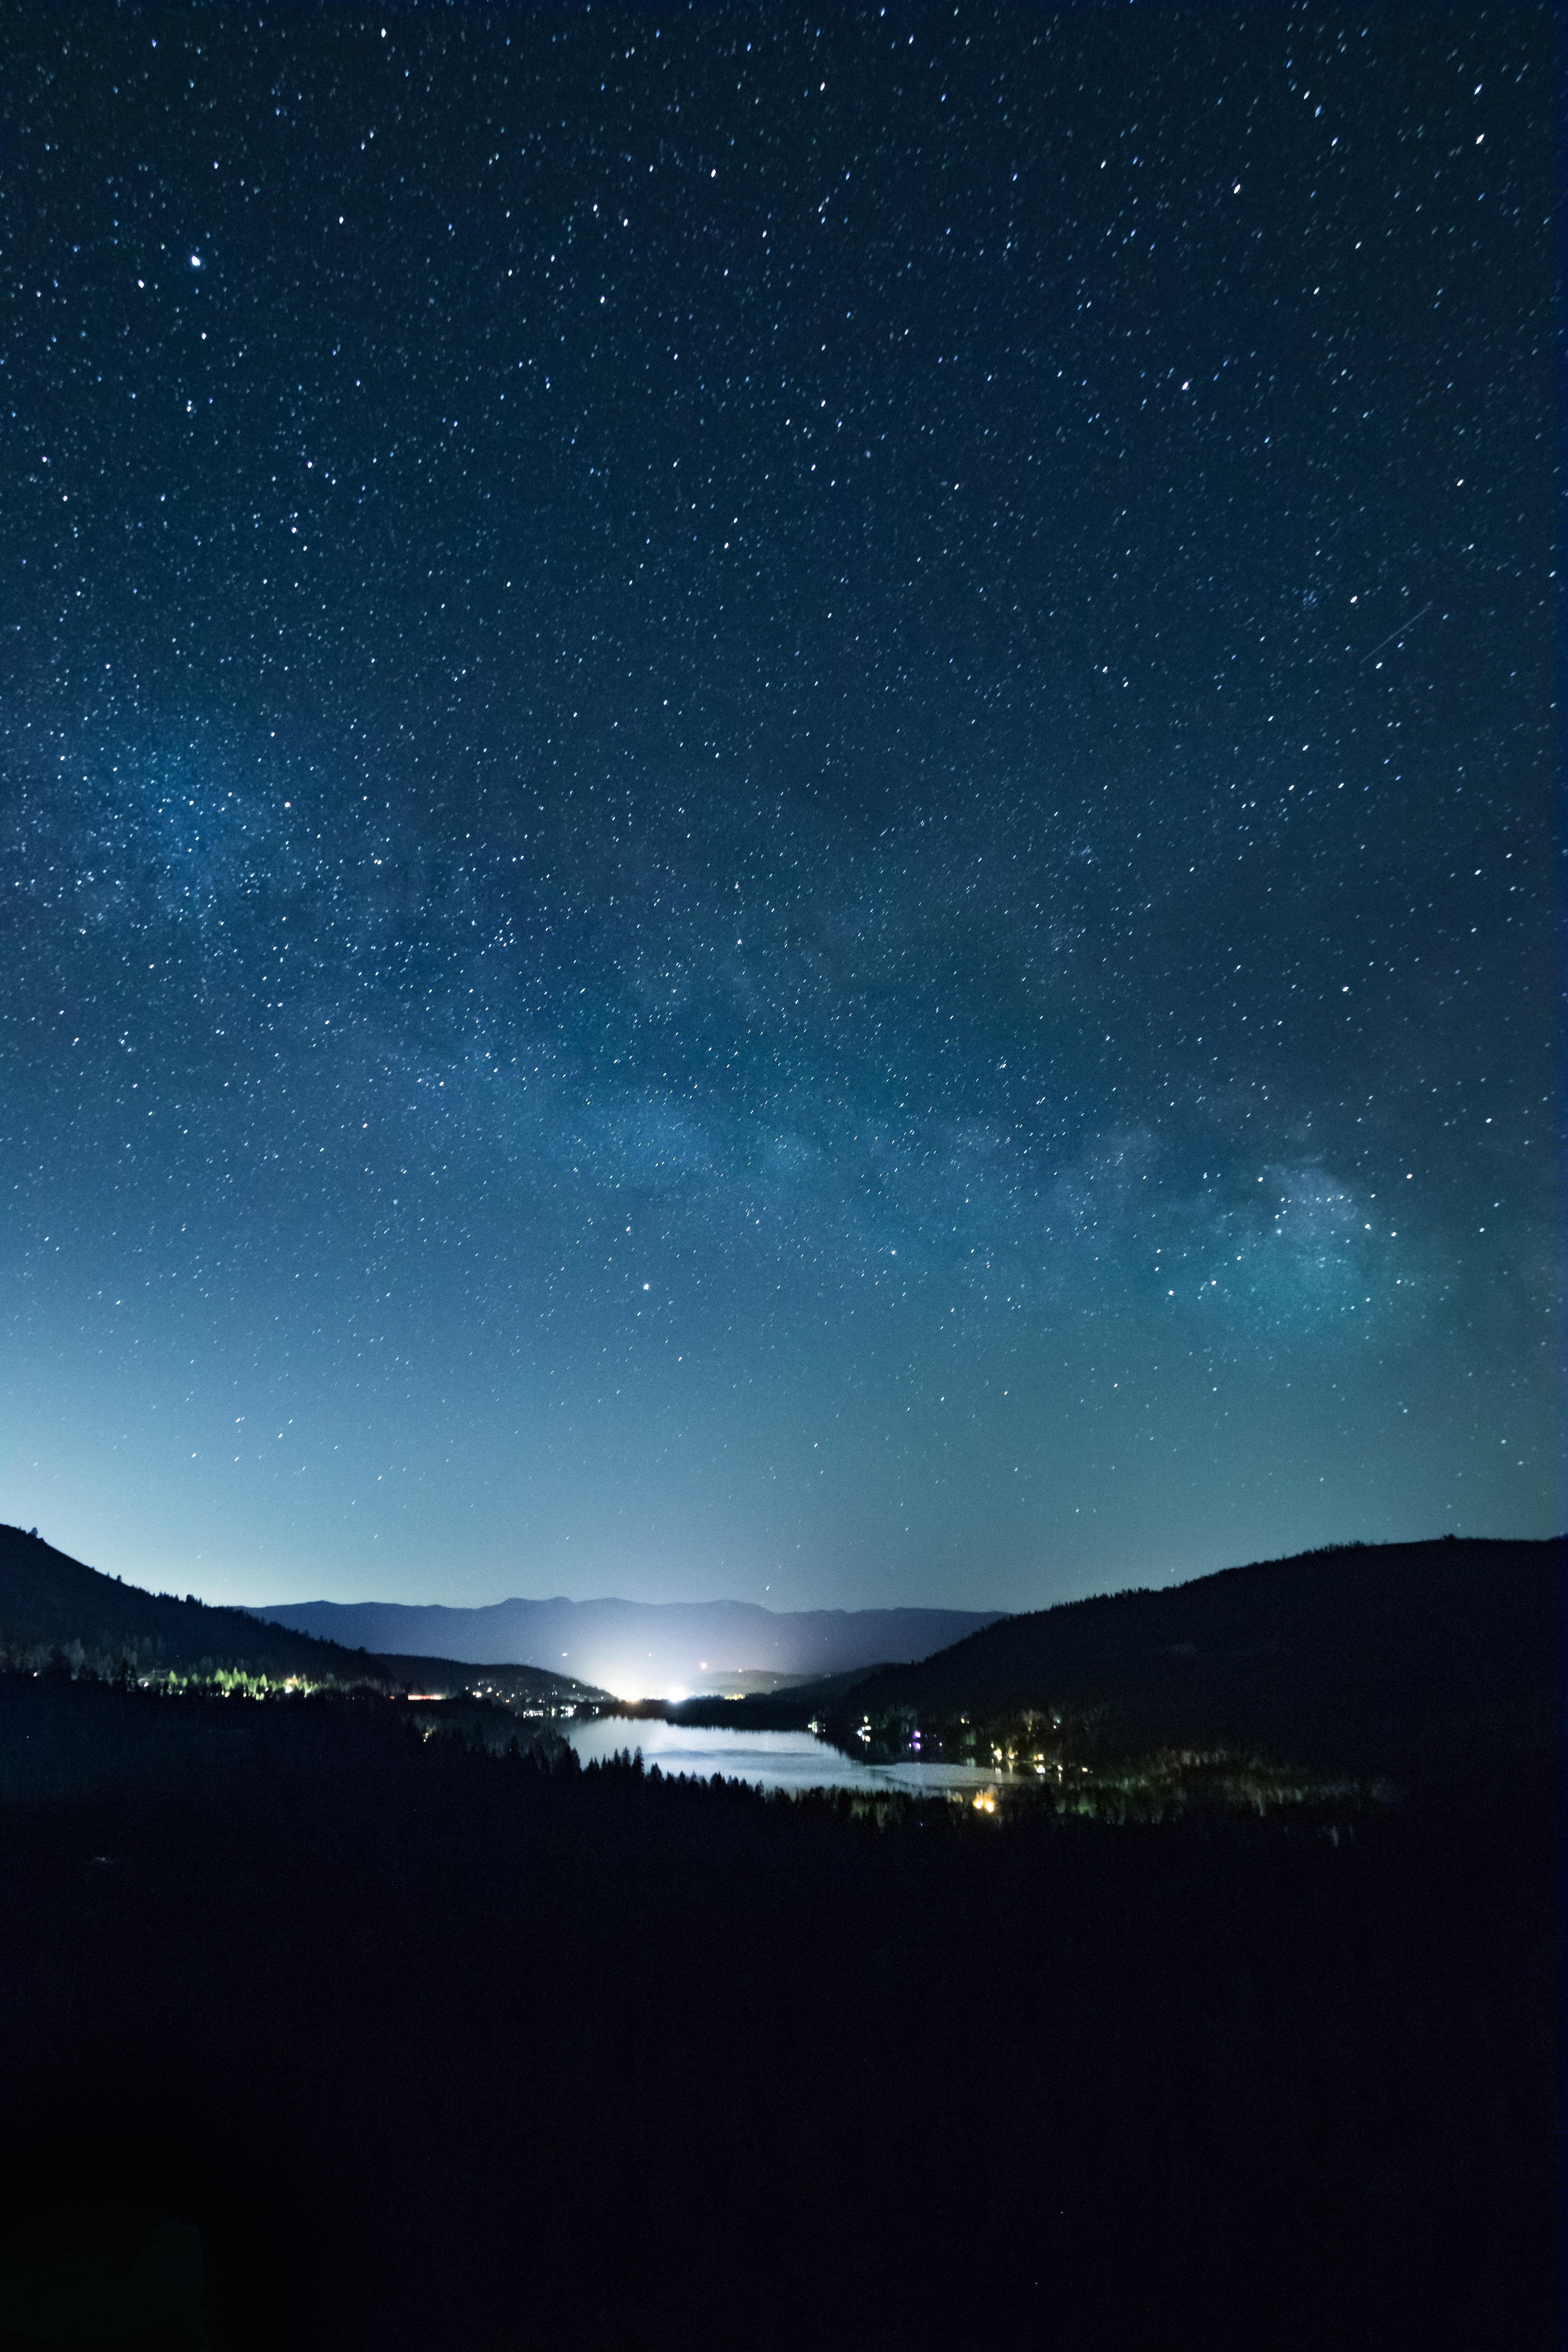 ближе четкое фото звездного неба фонд снискал